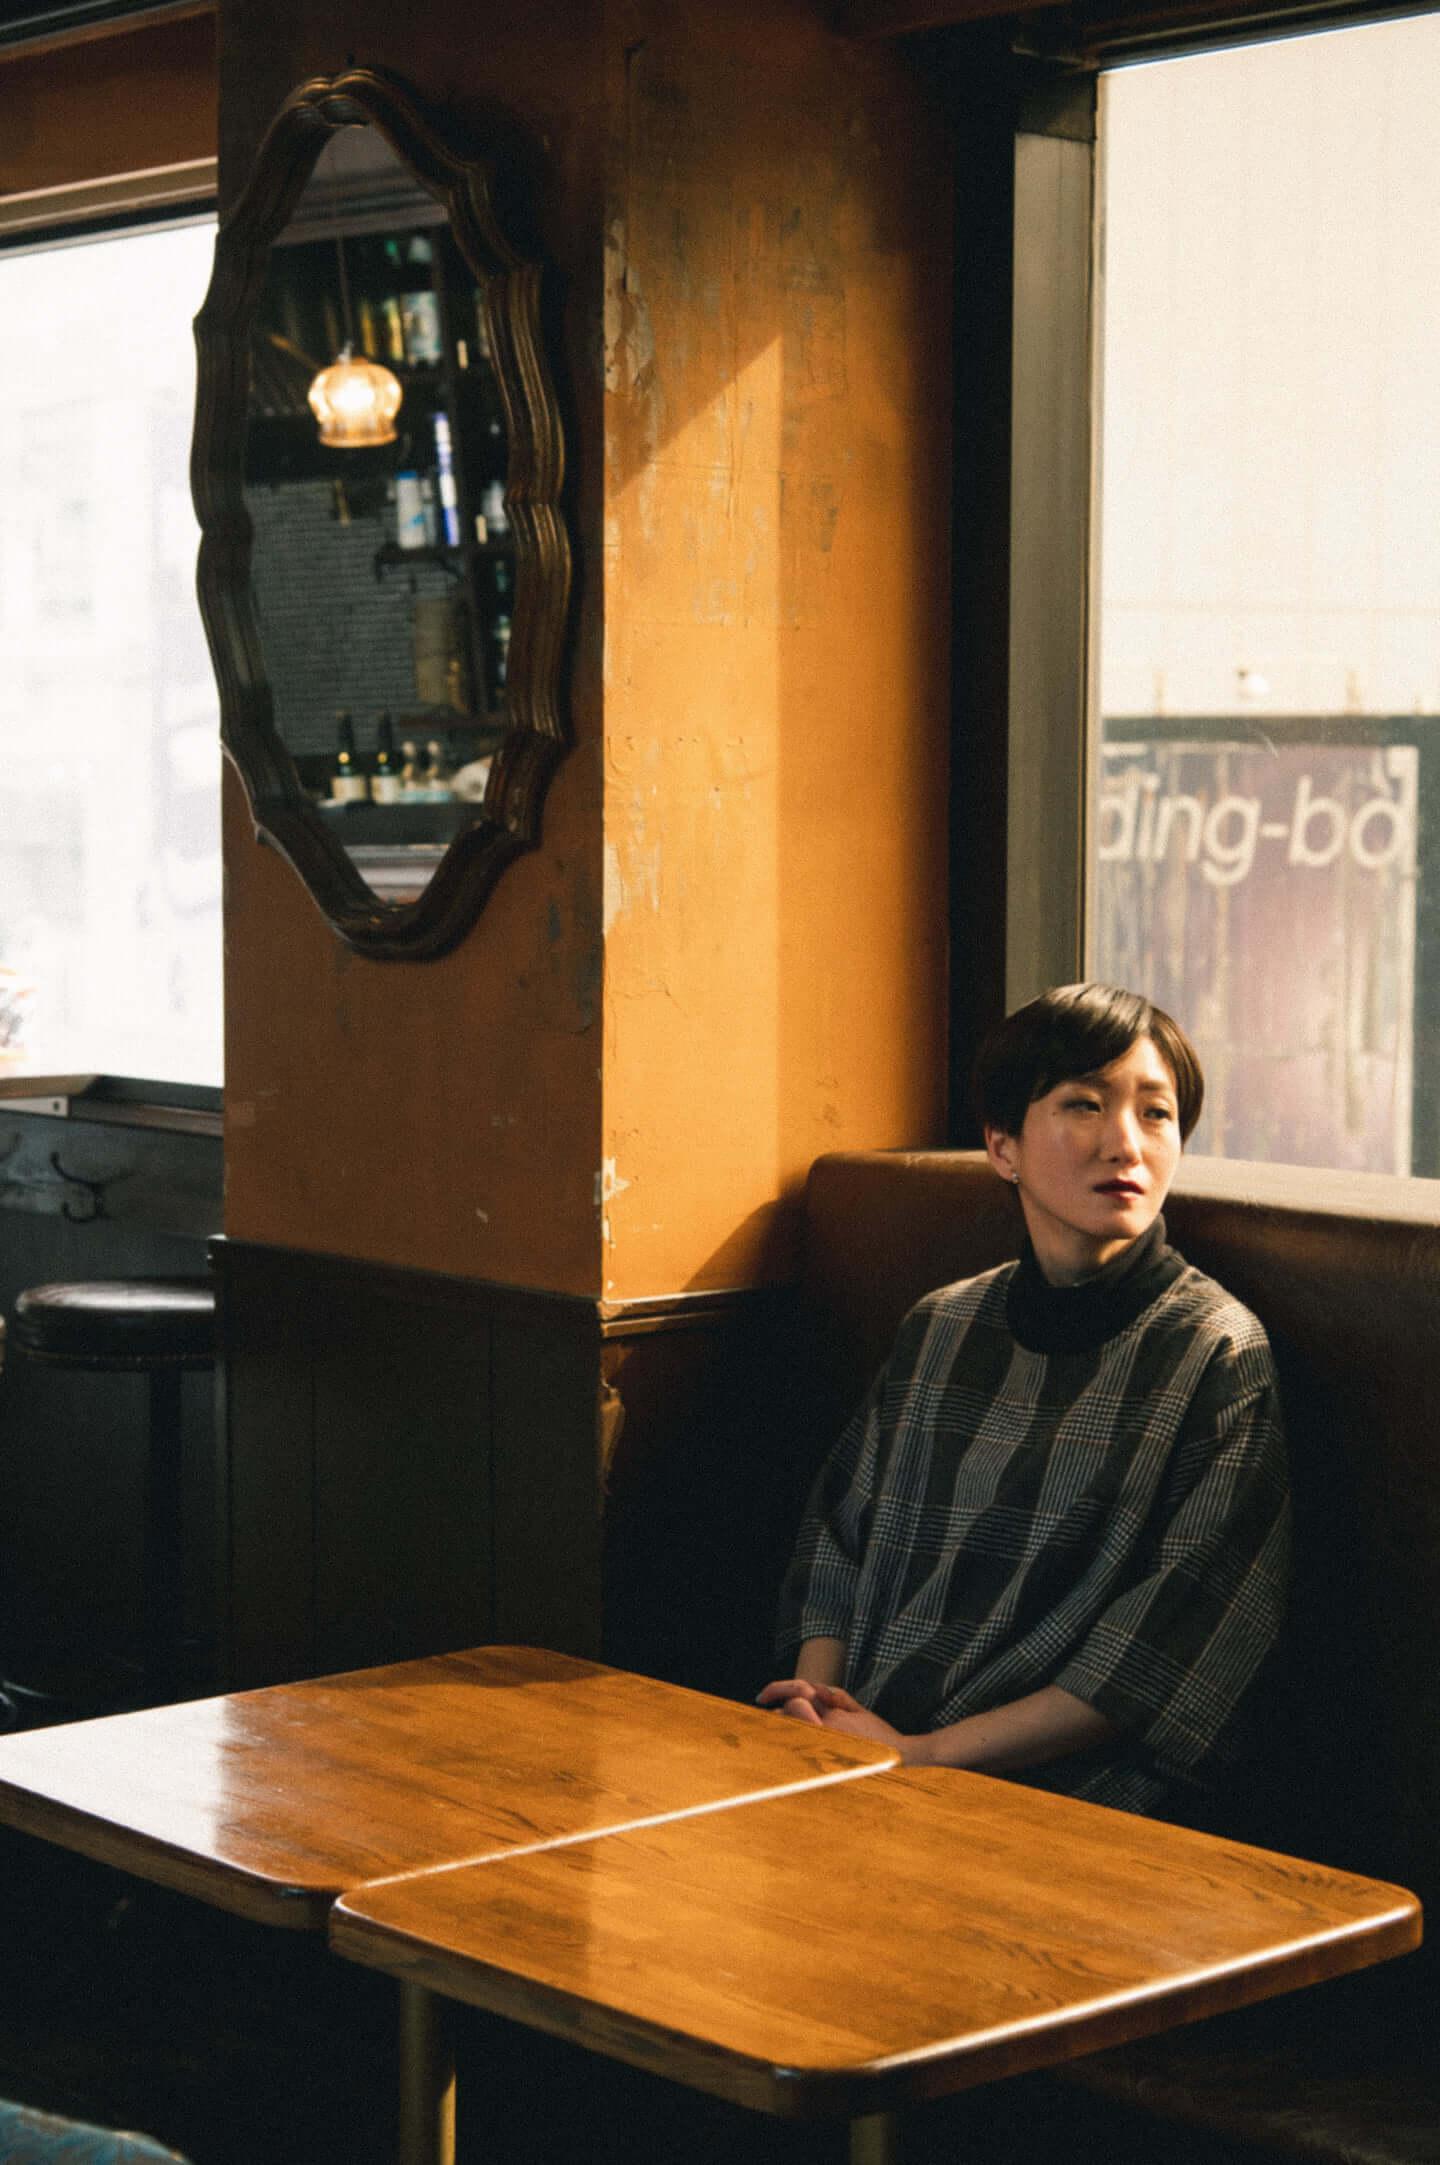 「流されず、変わり続ける」日食なつこが掲げる旗|音楽のすゝめ interview210310_nisshoku-natsuko-04-1440x2165